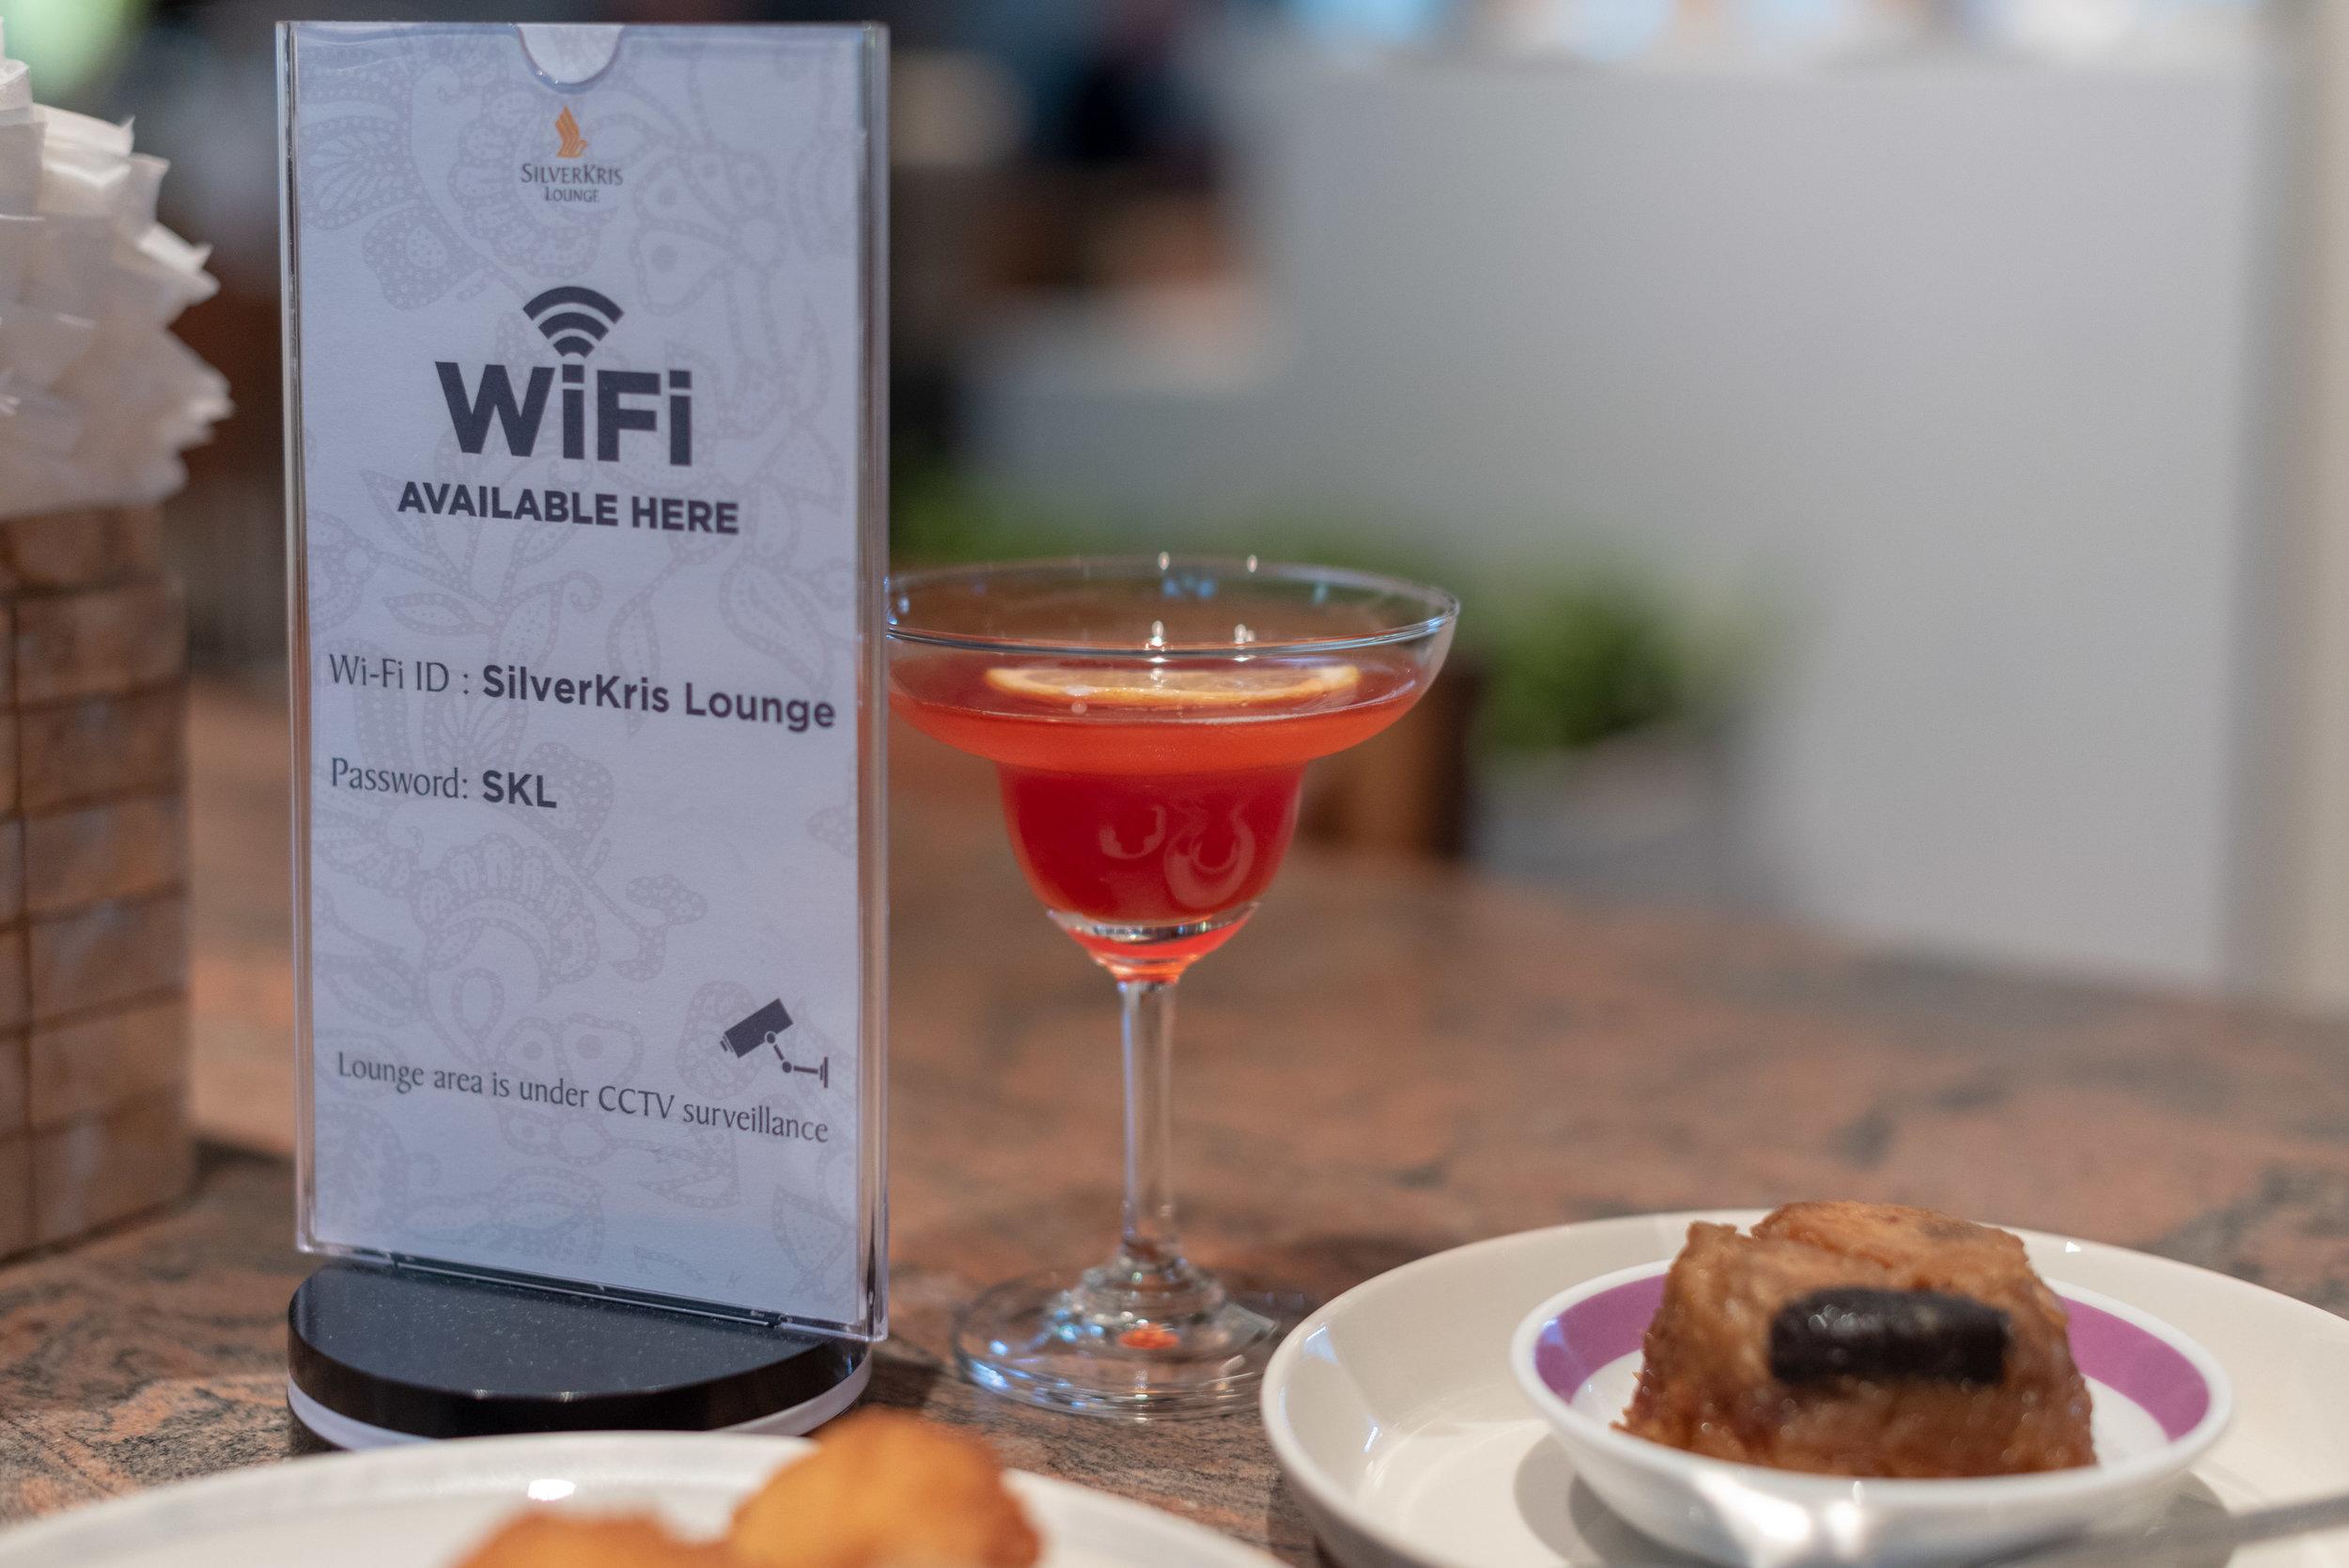 Singapore Pride (Cocktail)  Singapore Airlines SilverKris Lounge - Suvarnabhumi Airport (BKK)